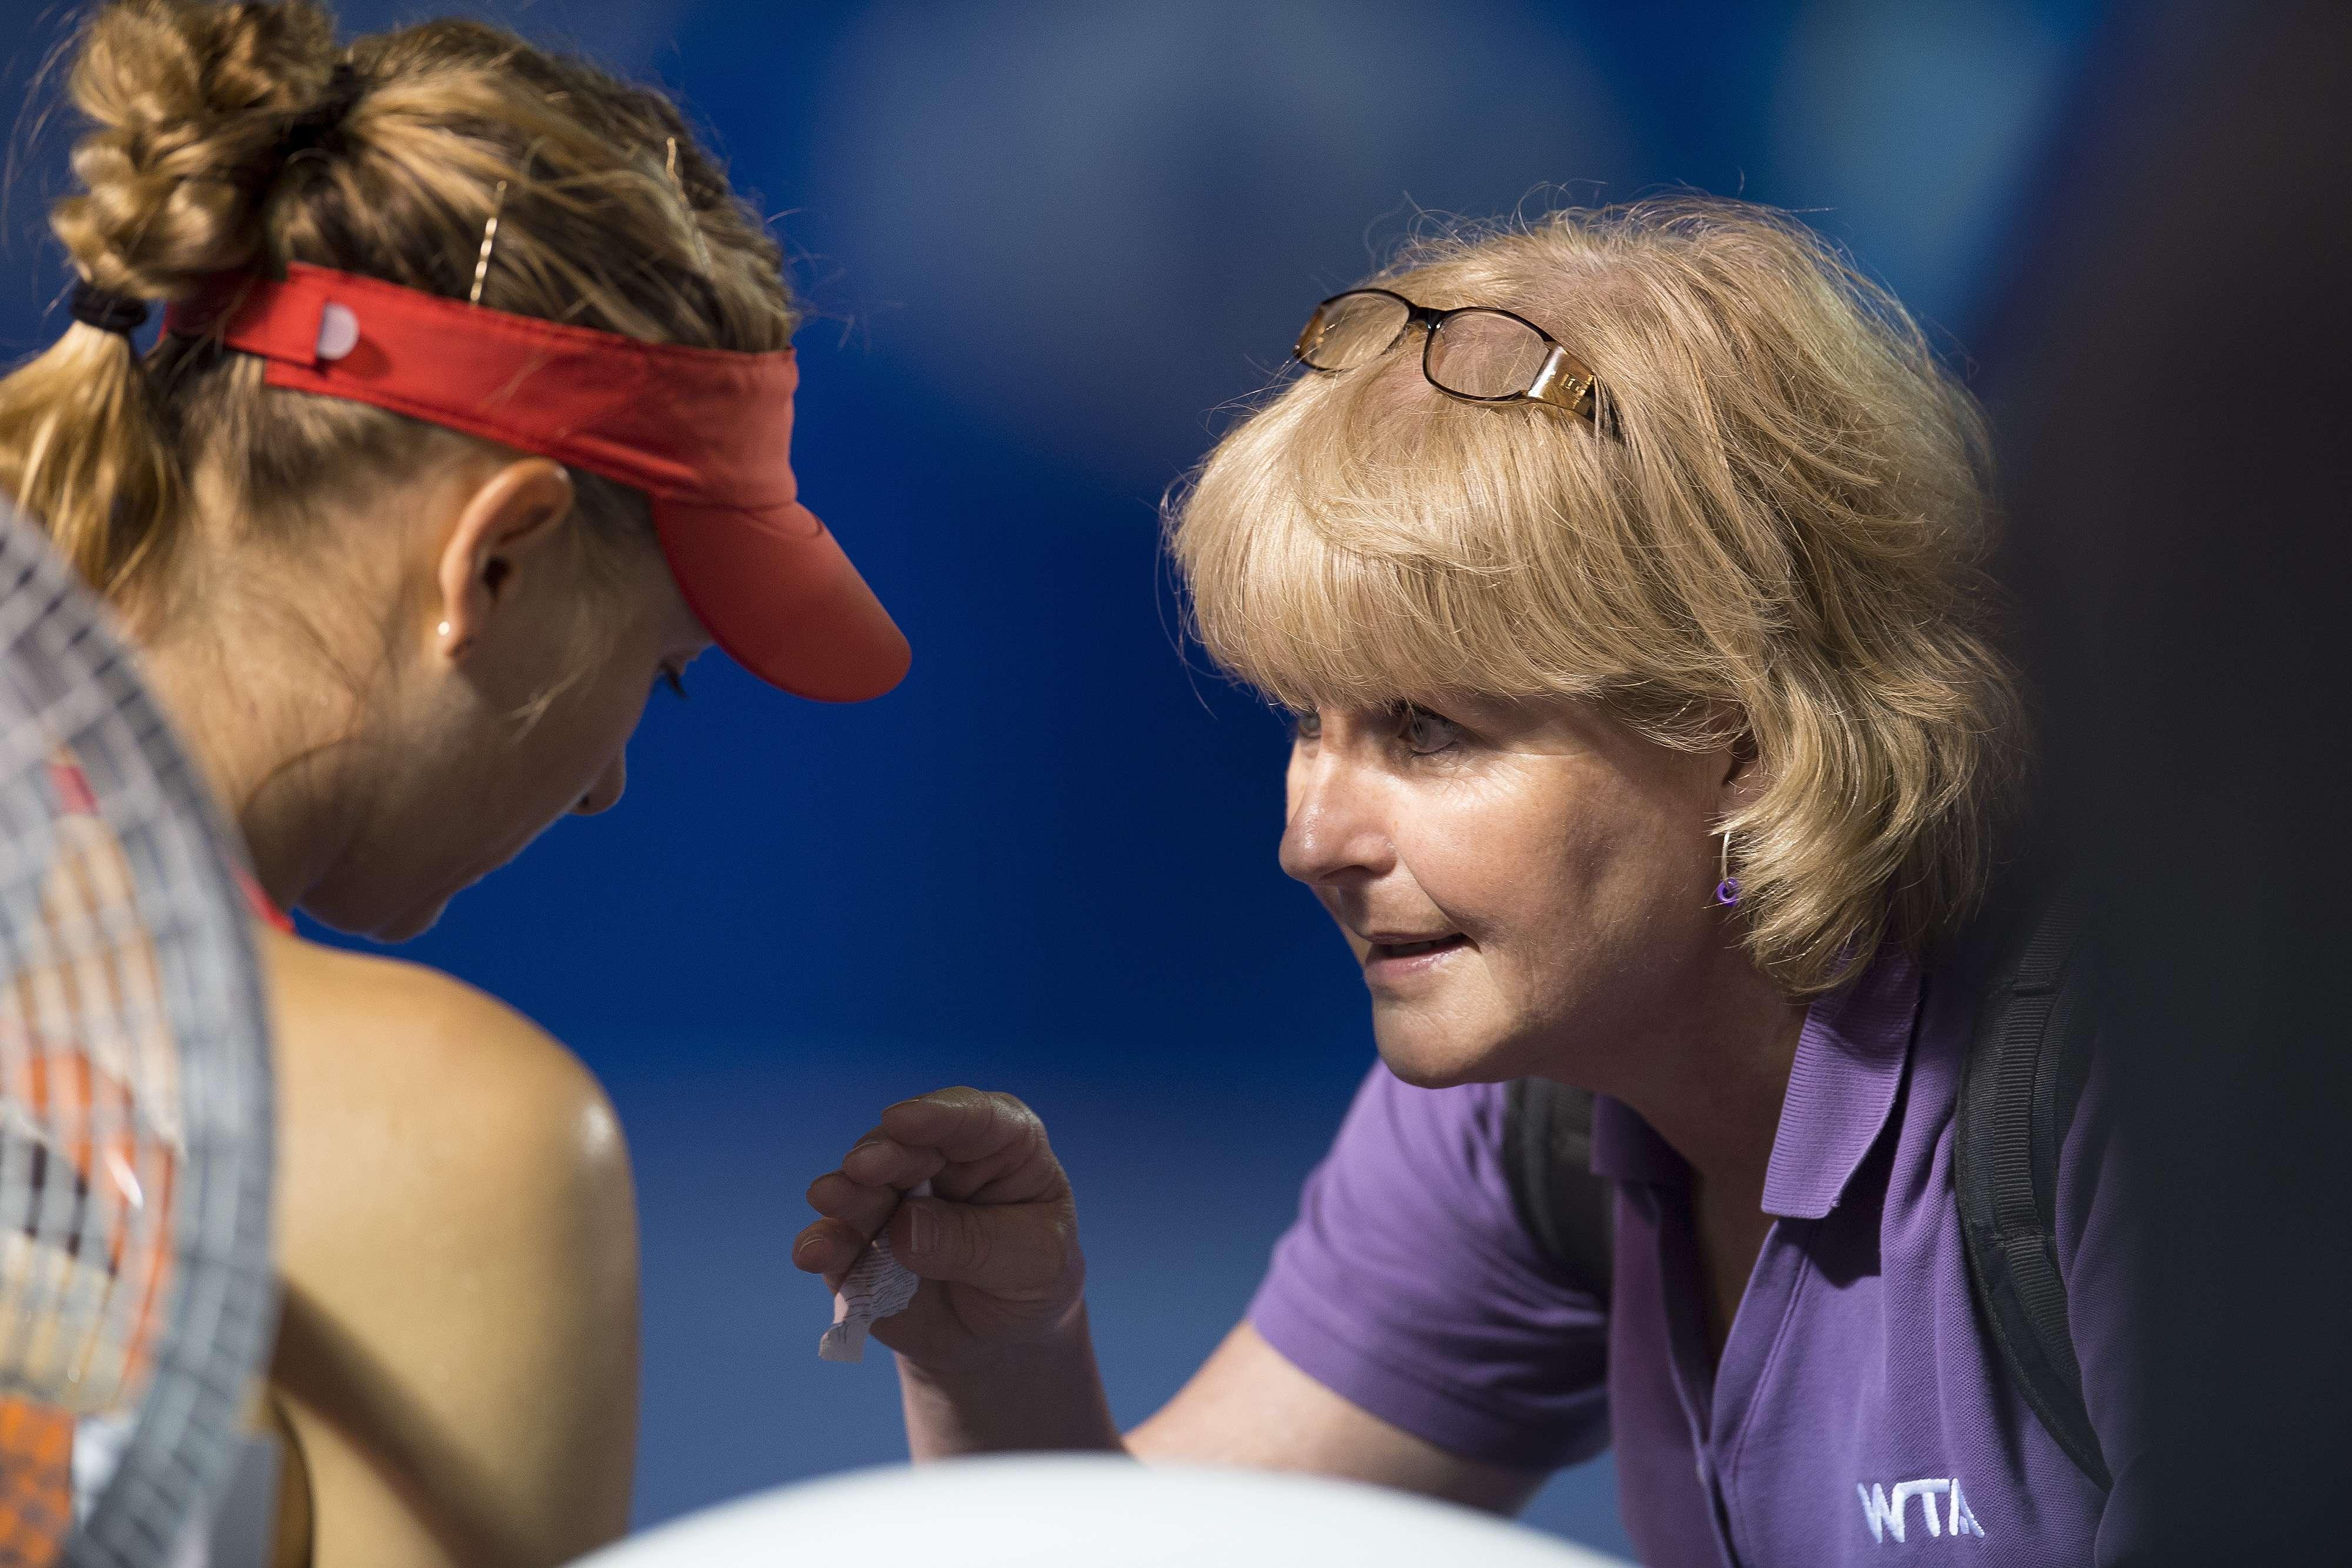 Maria Sharapova tuvo atención médica a lo largo de su partido contra Rybarikova Foto: Mexsports